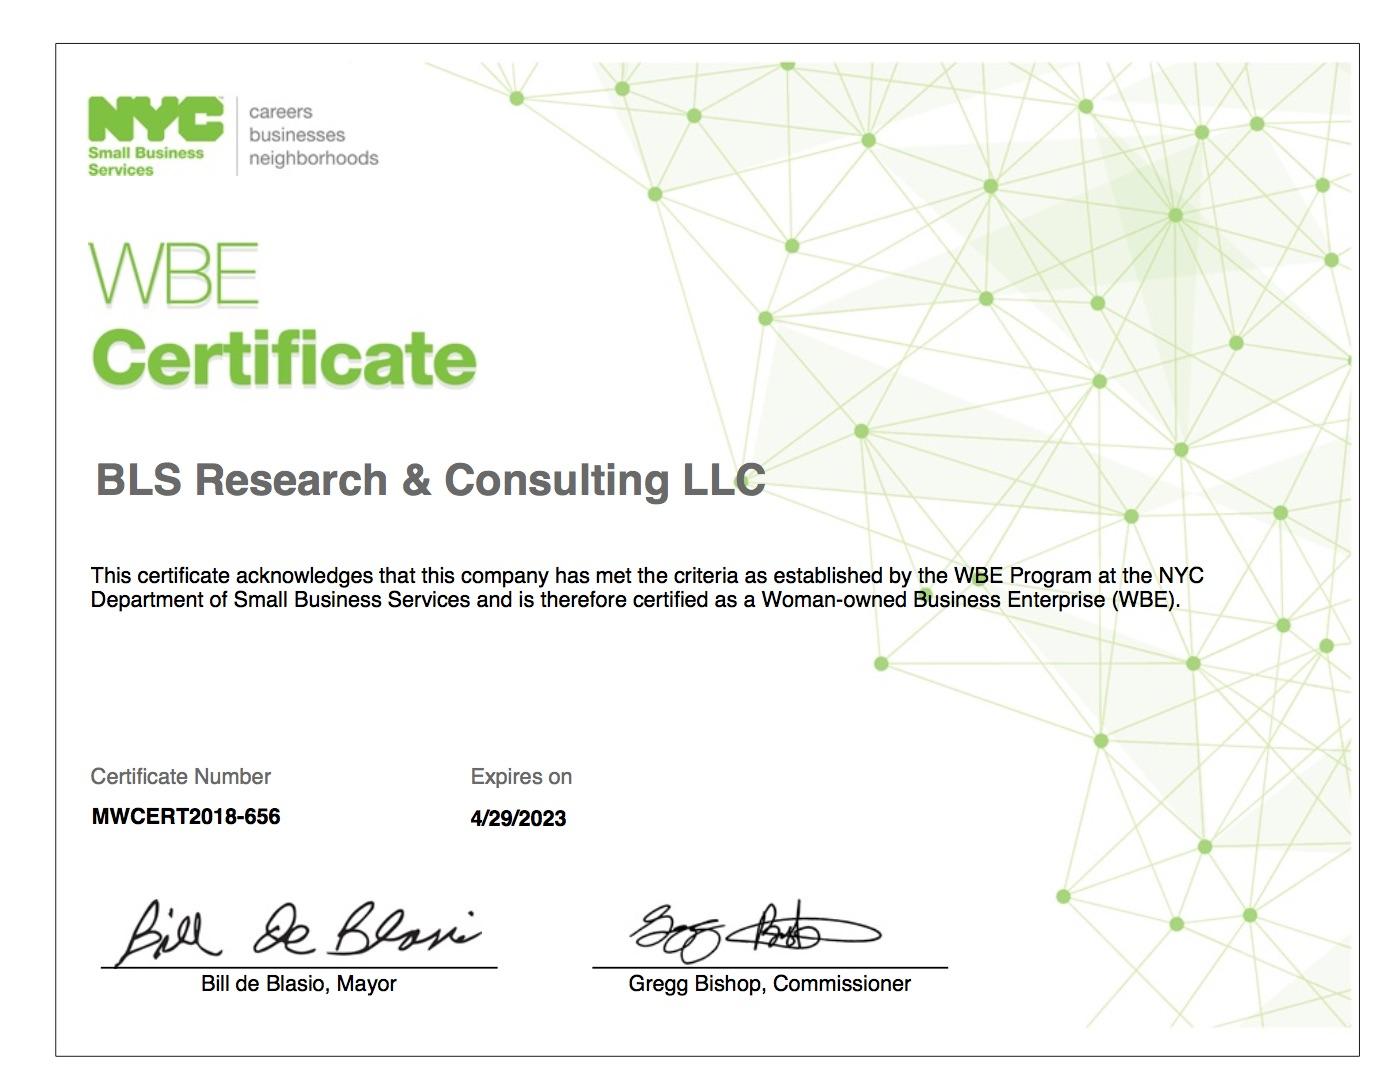 certification screenshot.jpg